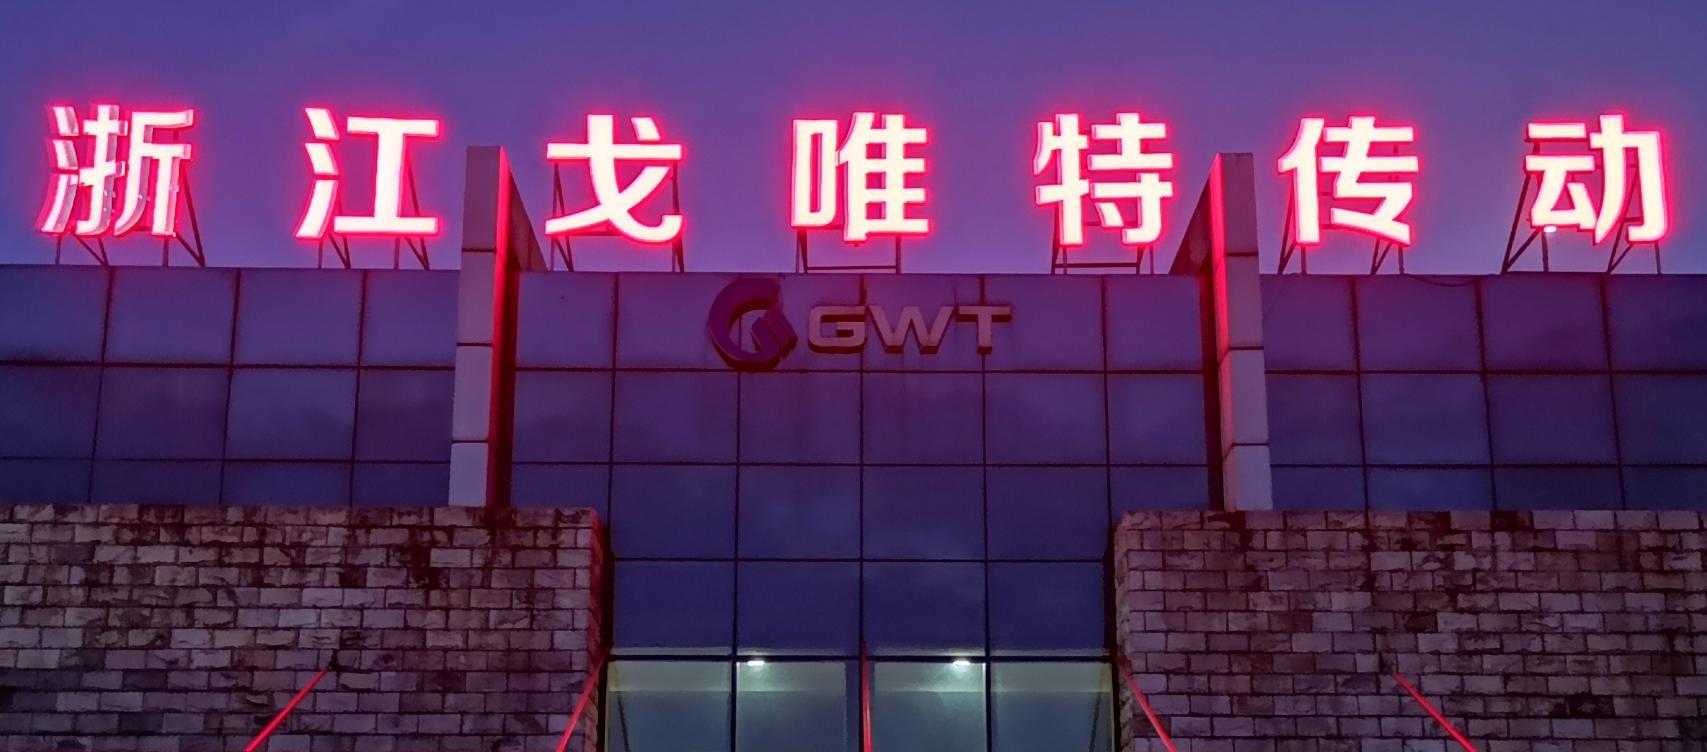 浙江戈唯特传动科技有限公司